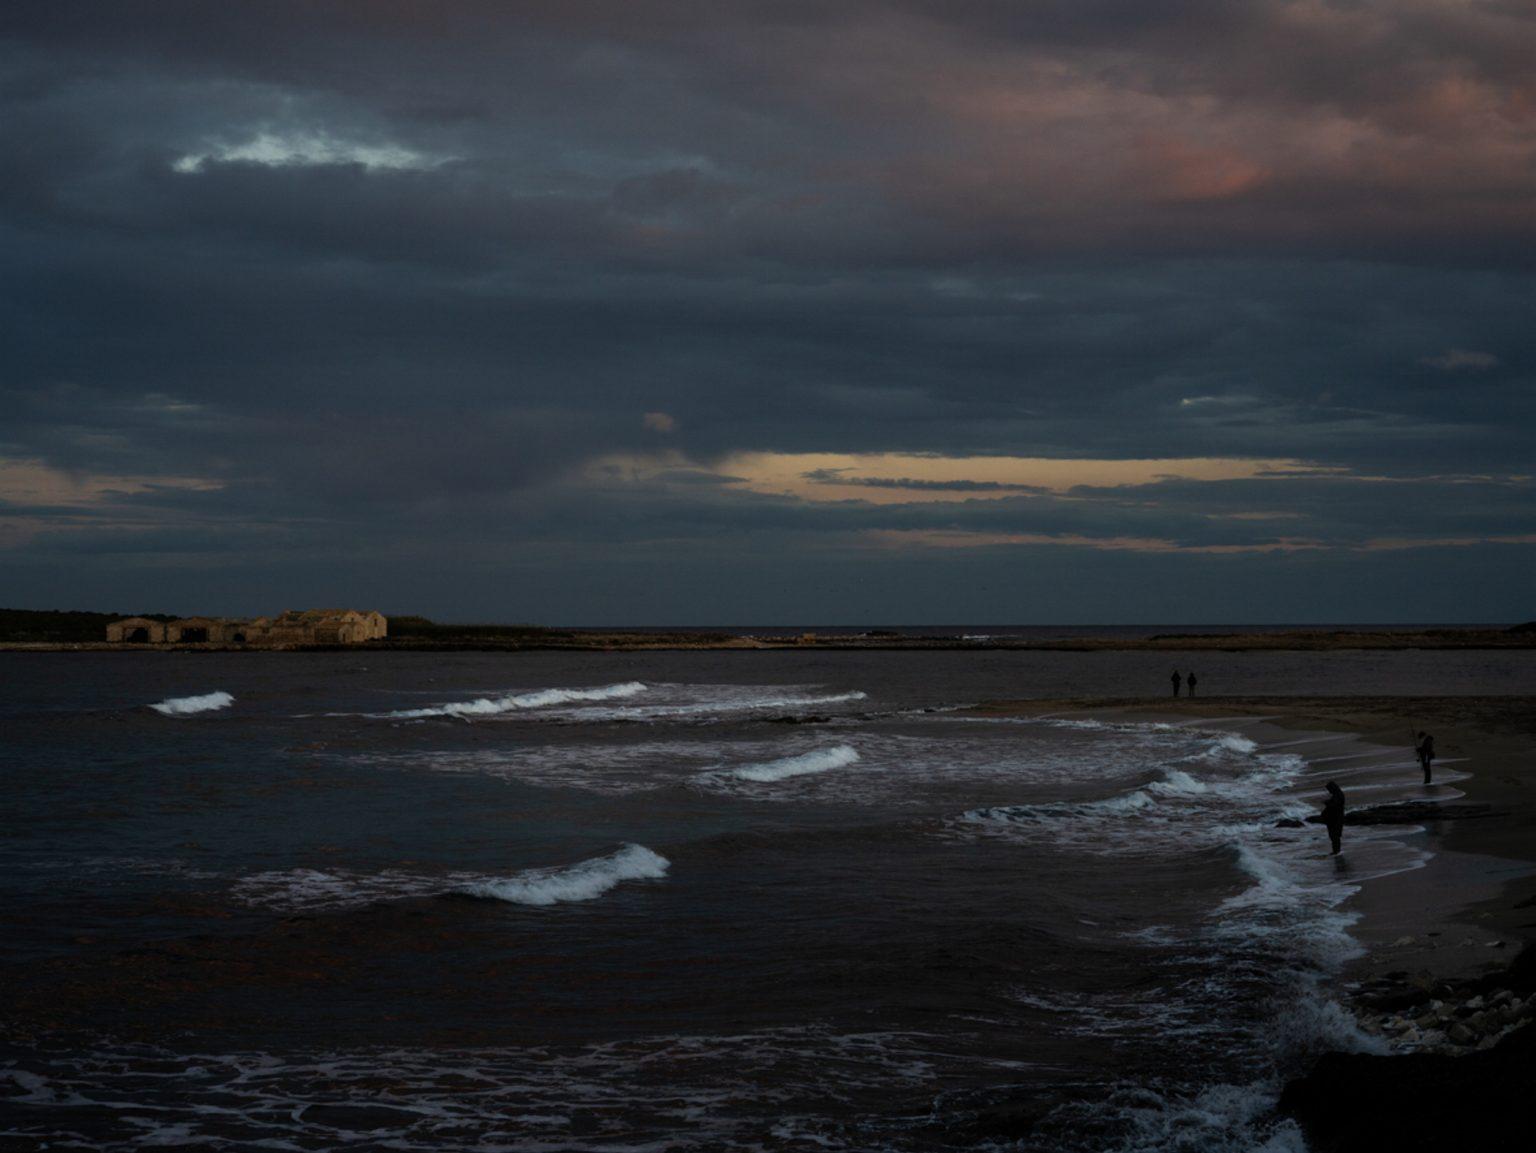 Capopassero Island. Portopalo di Capopassero, Siracusa, Italy, 2020